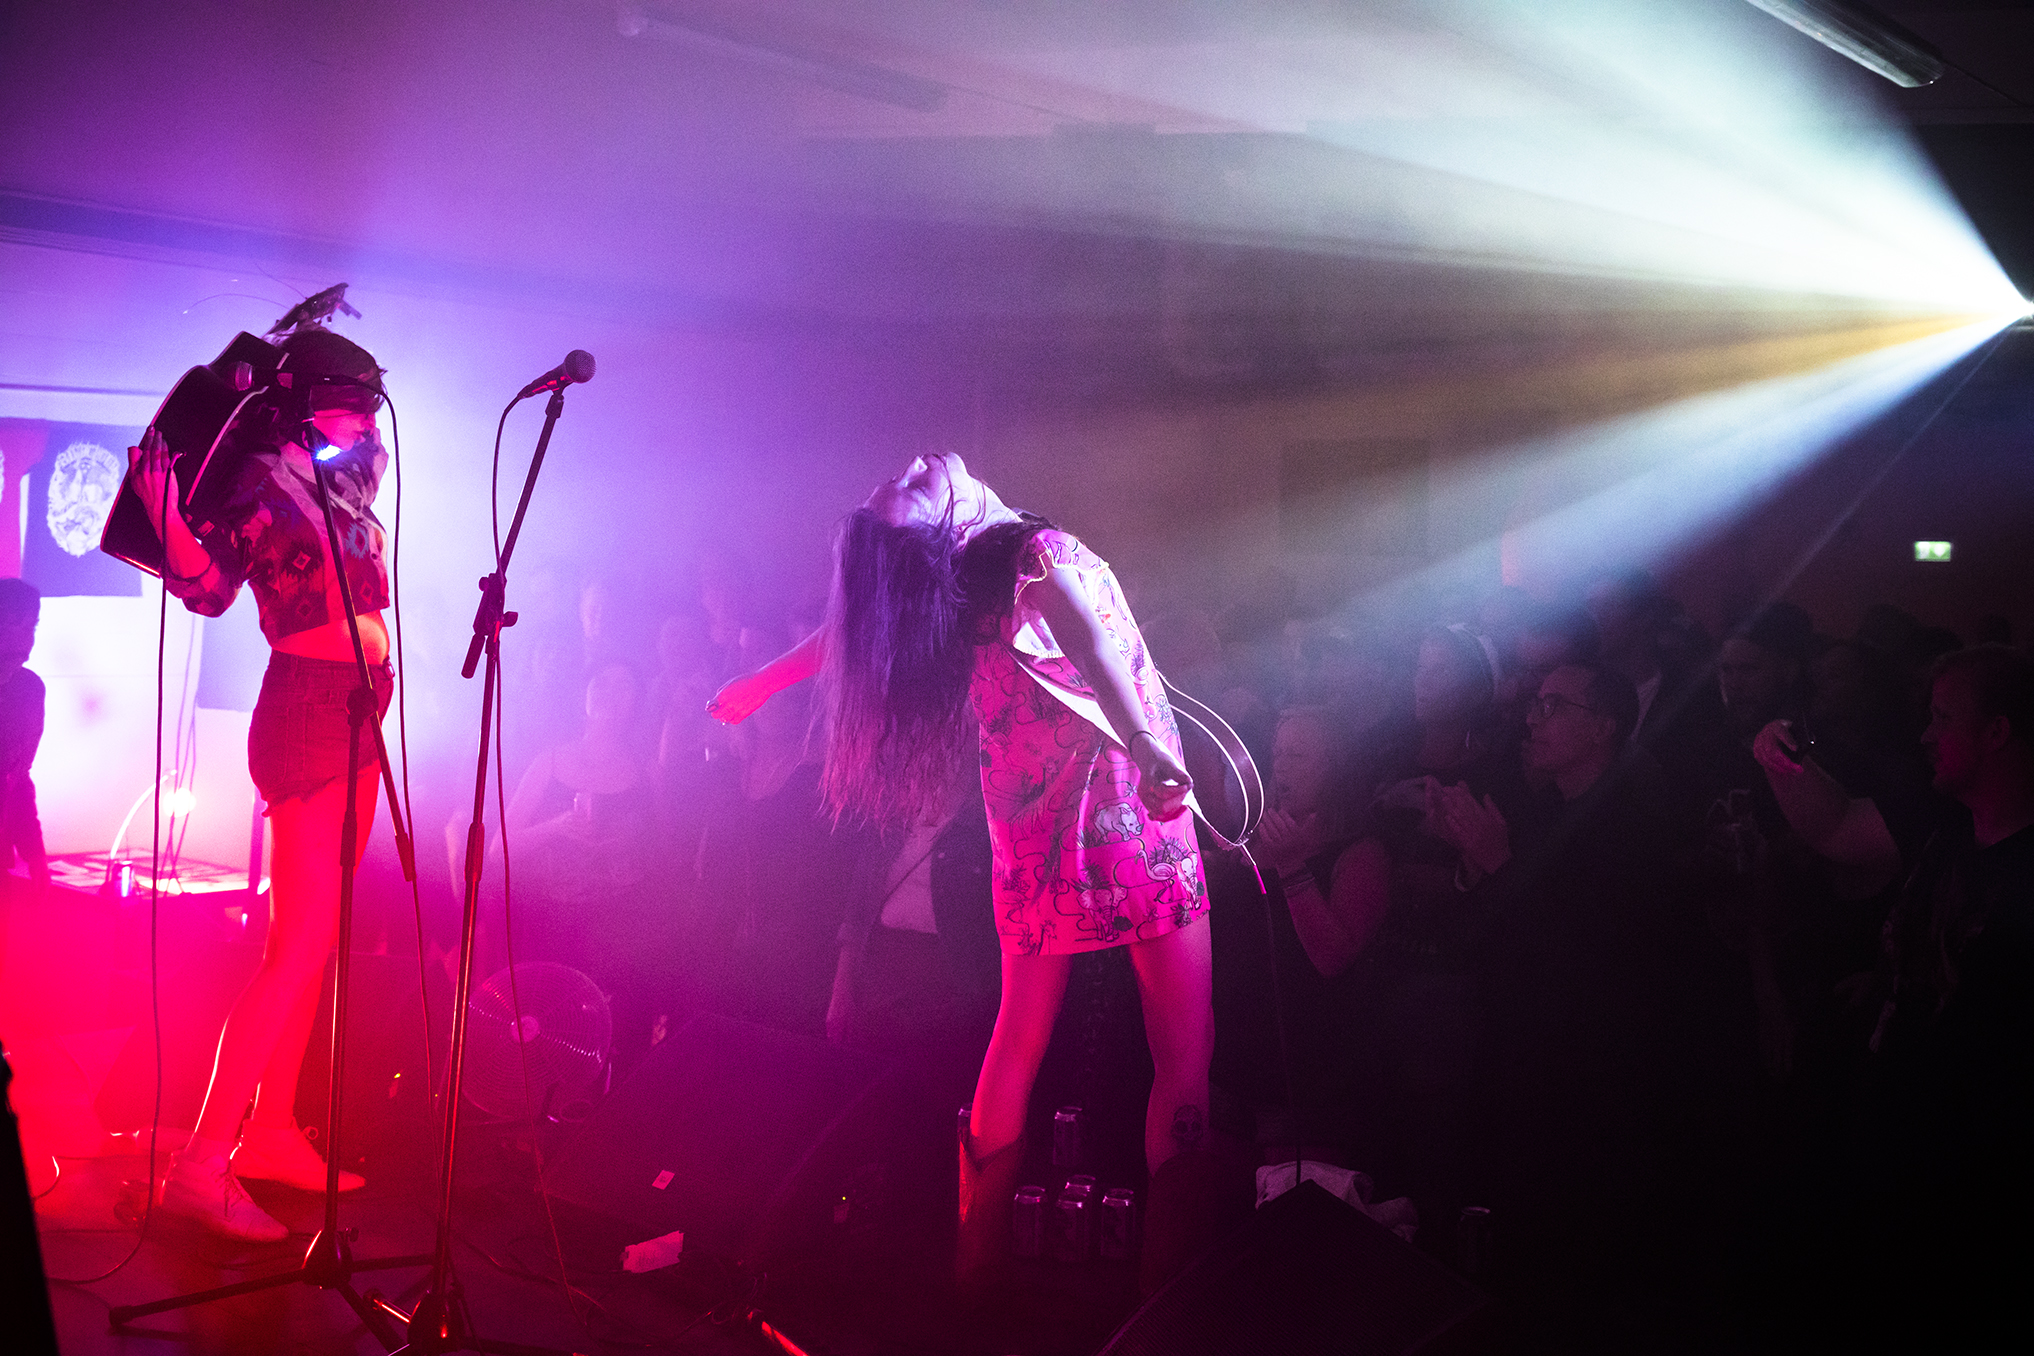 Annu en ny musikfestival i sverige